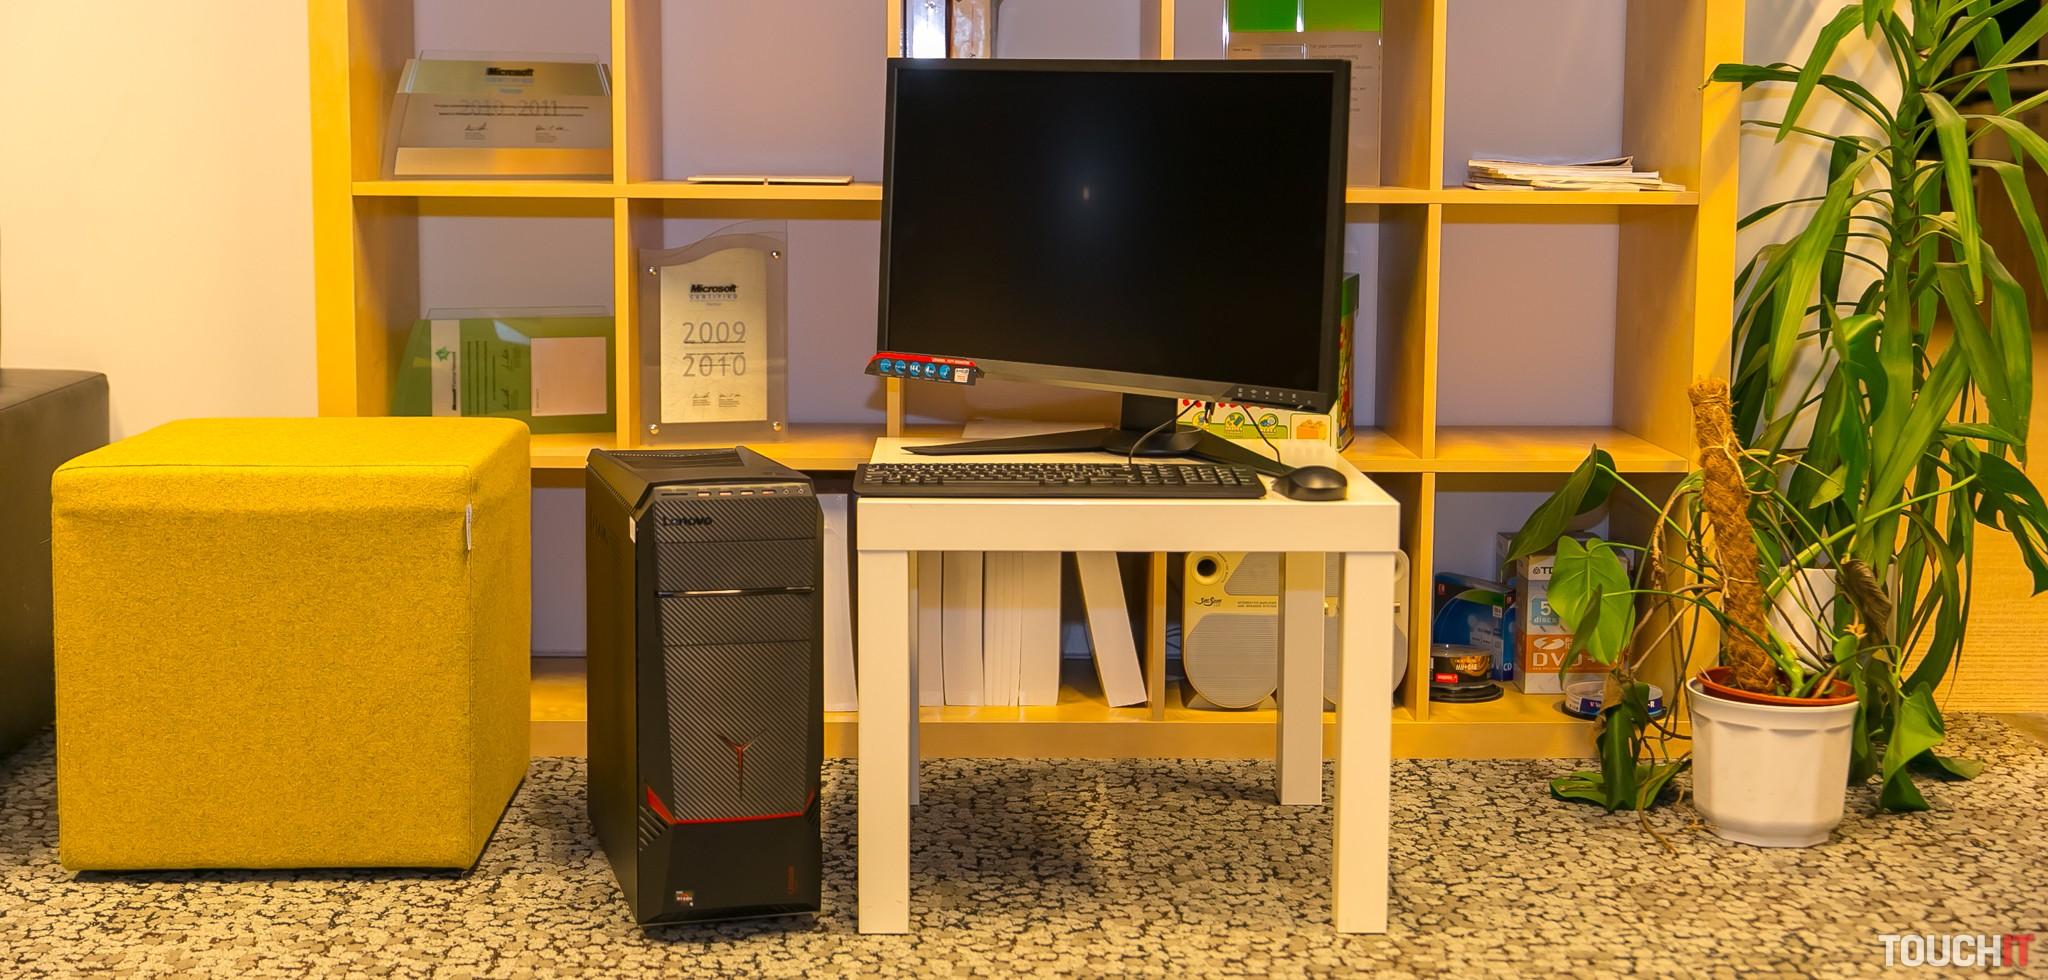 7c6aeaea5 Recenzia Lenovo Legion Y720 Tower (AMD): Herný počítač s výbavou od AMD